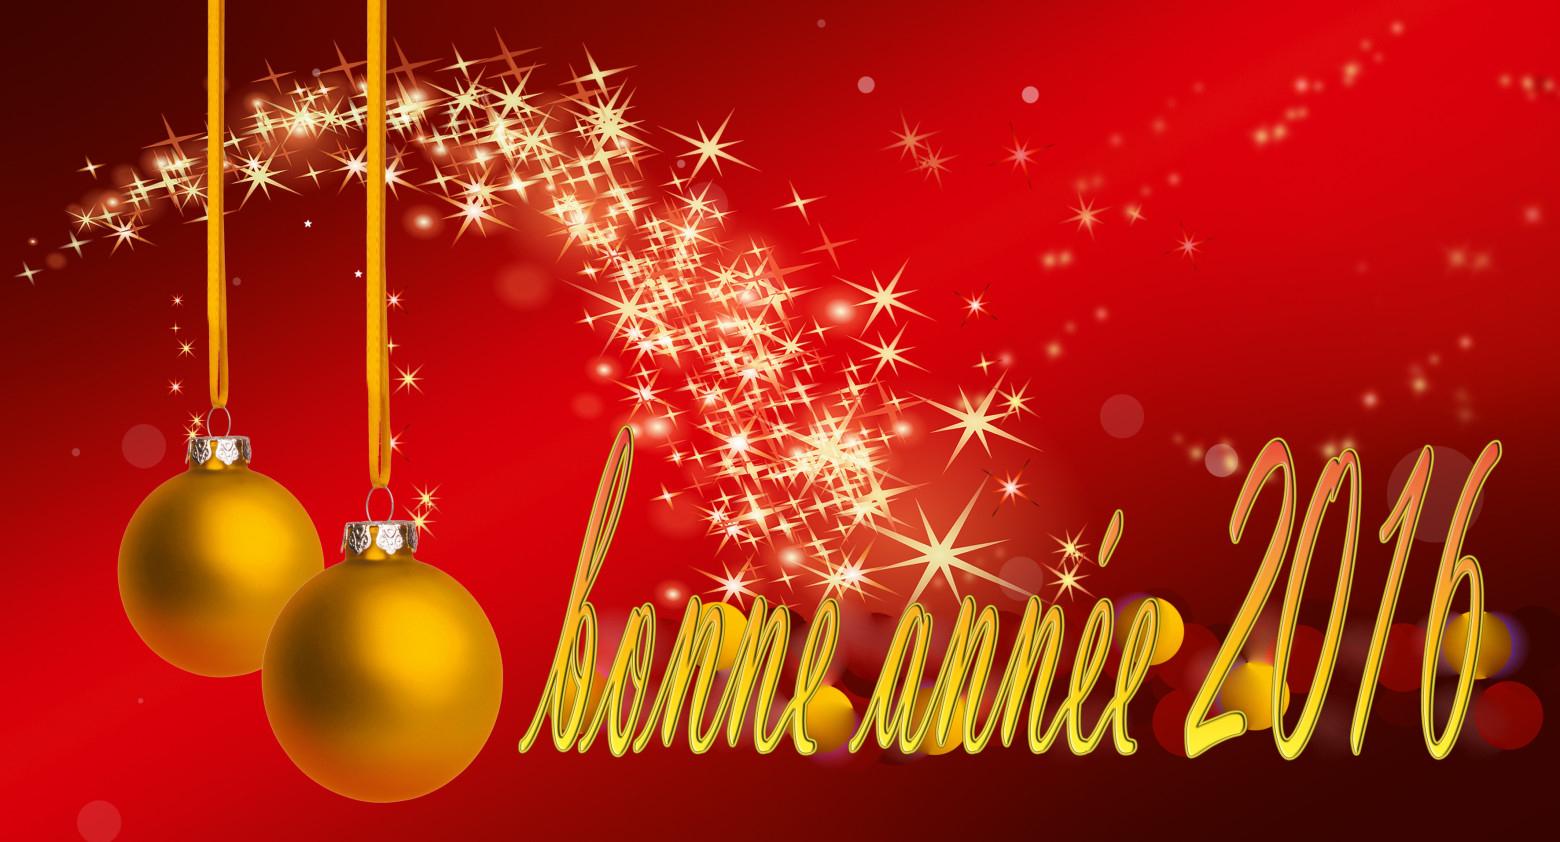 Epub] Carte De Voeux Gratuite concernant Carte De Bonne Année Gratuite A Imprimer